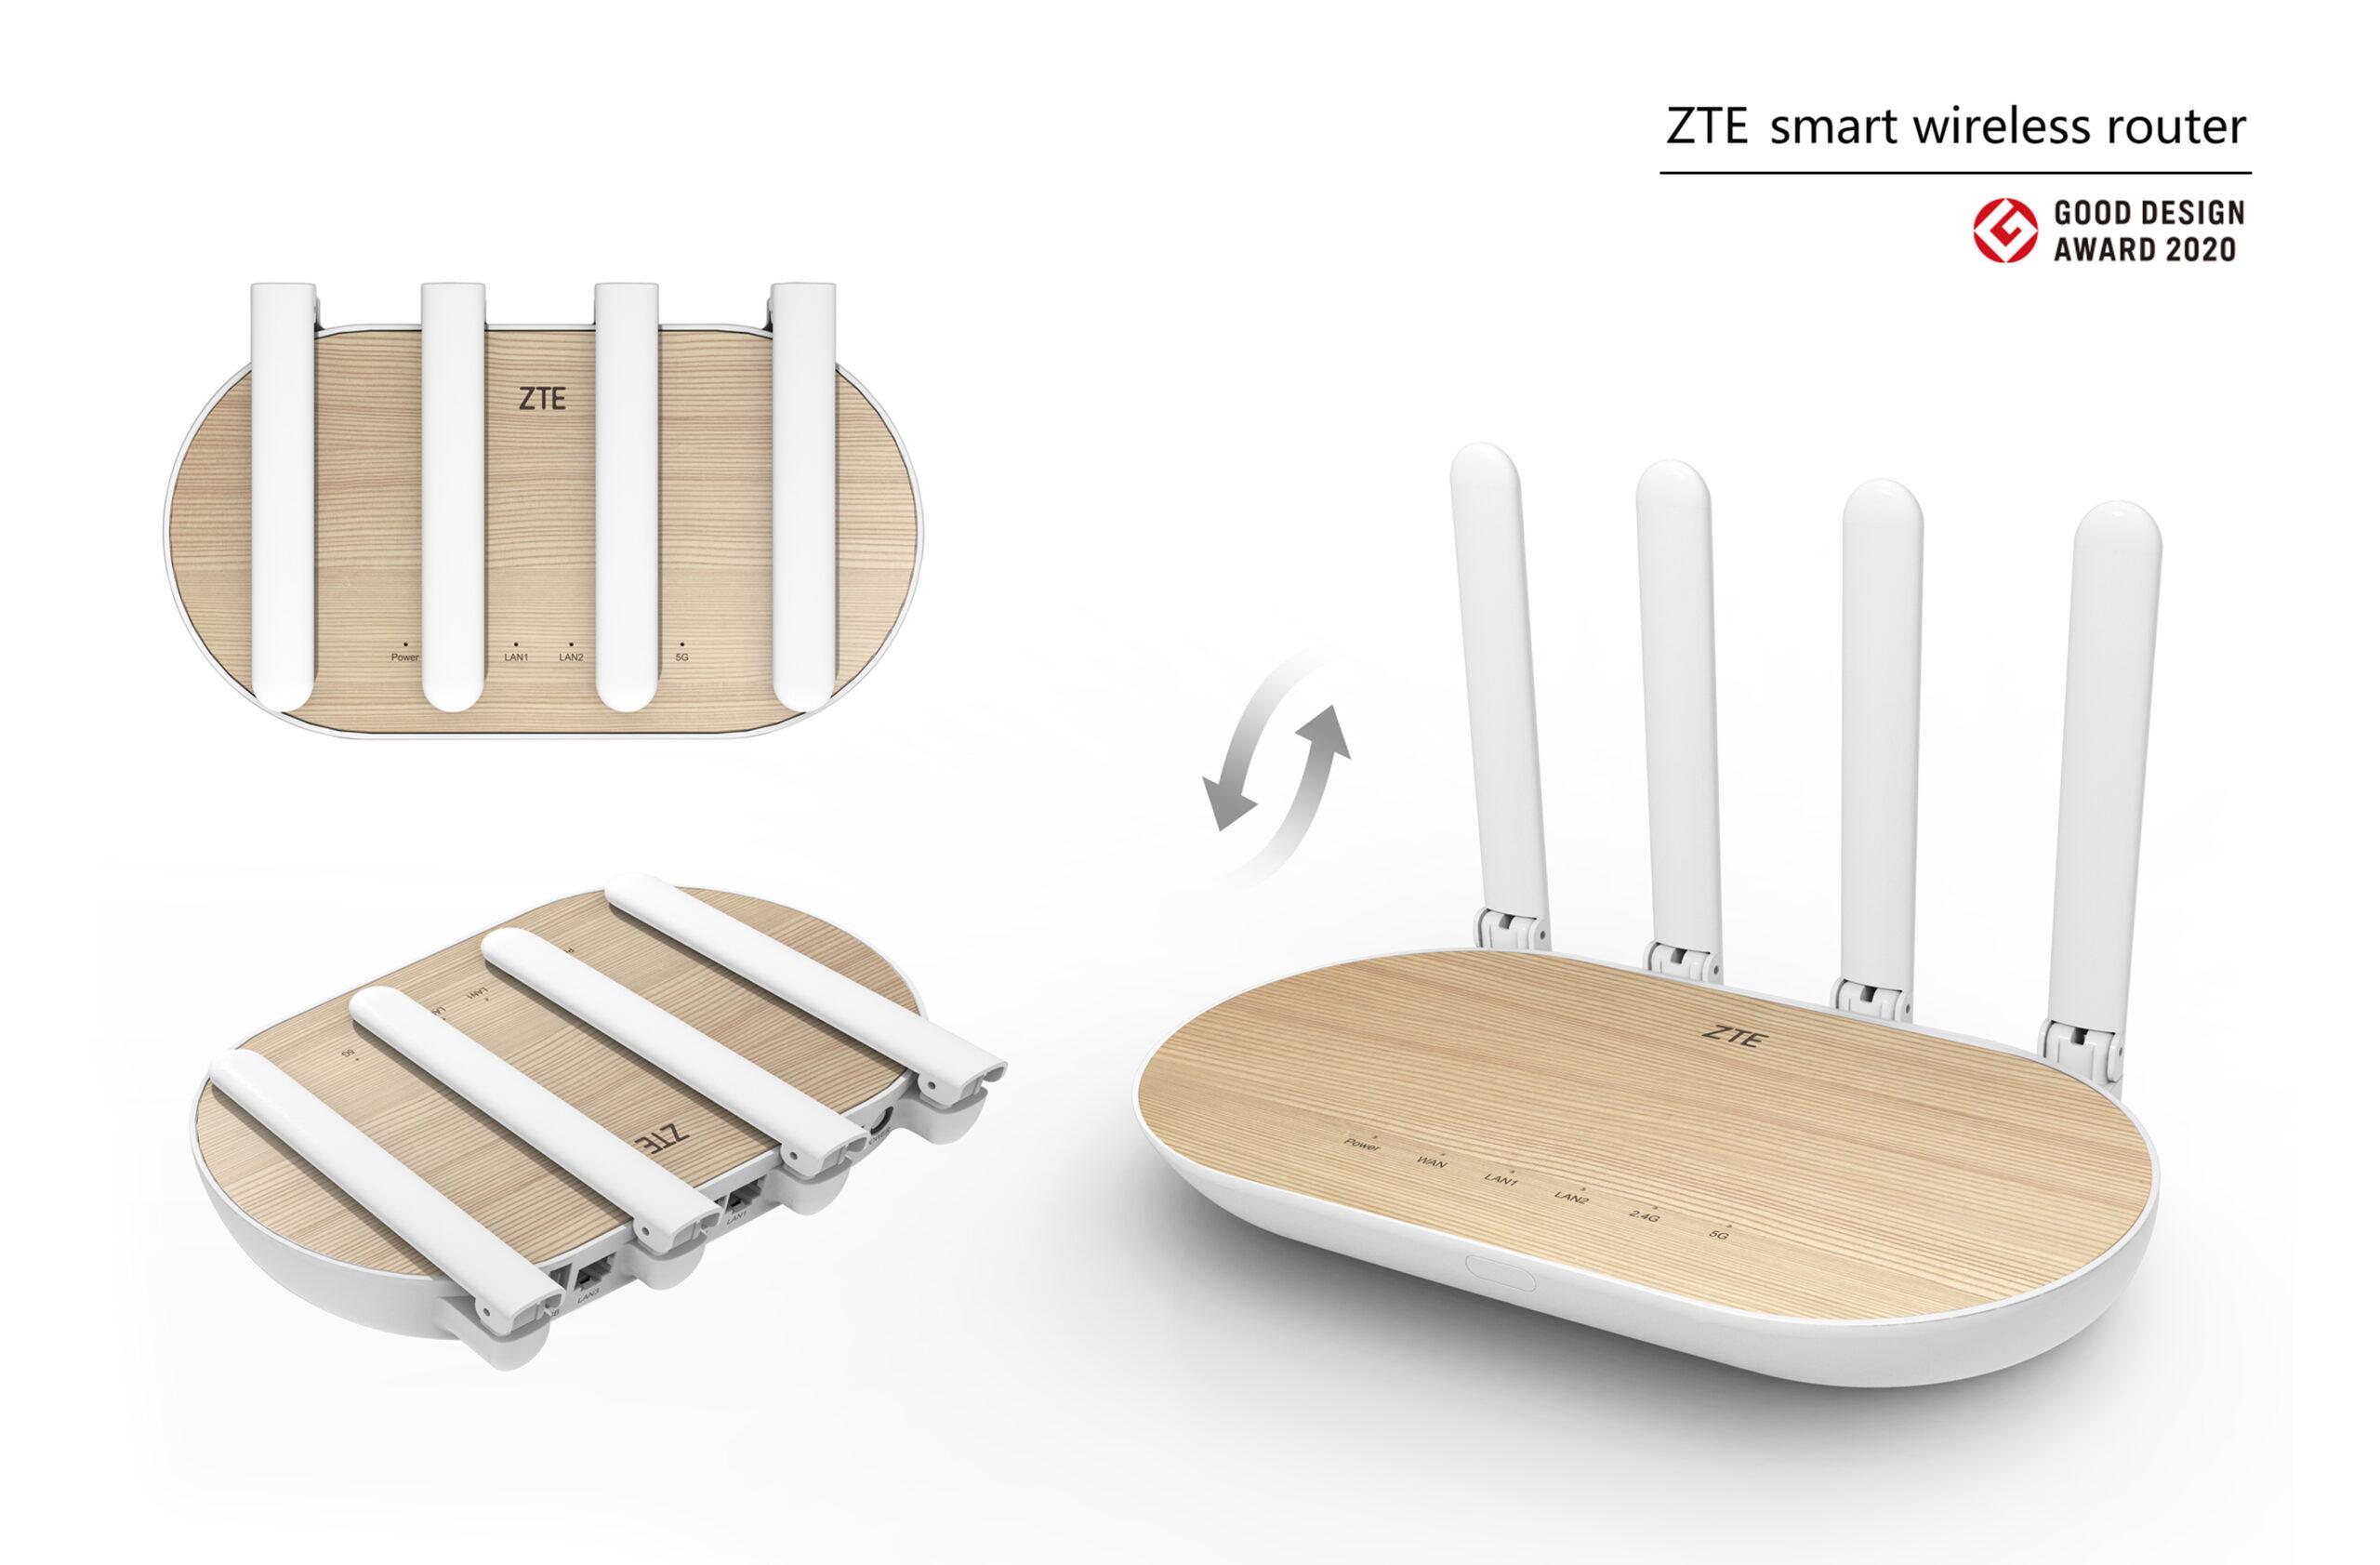 ZTE smart wireless router